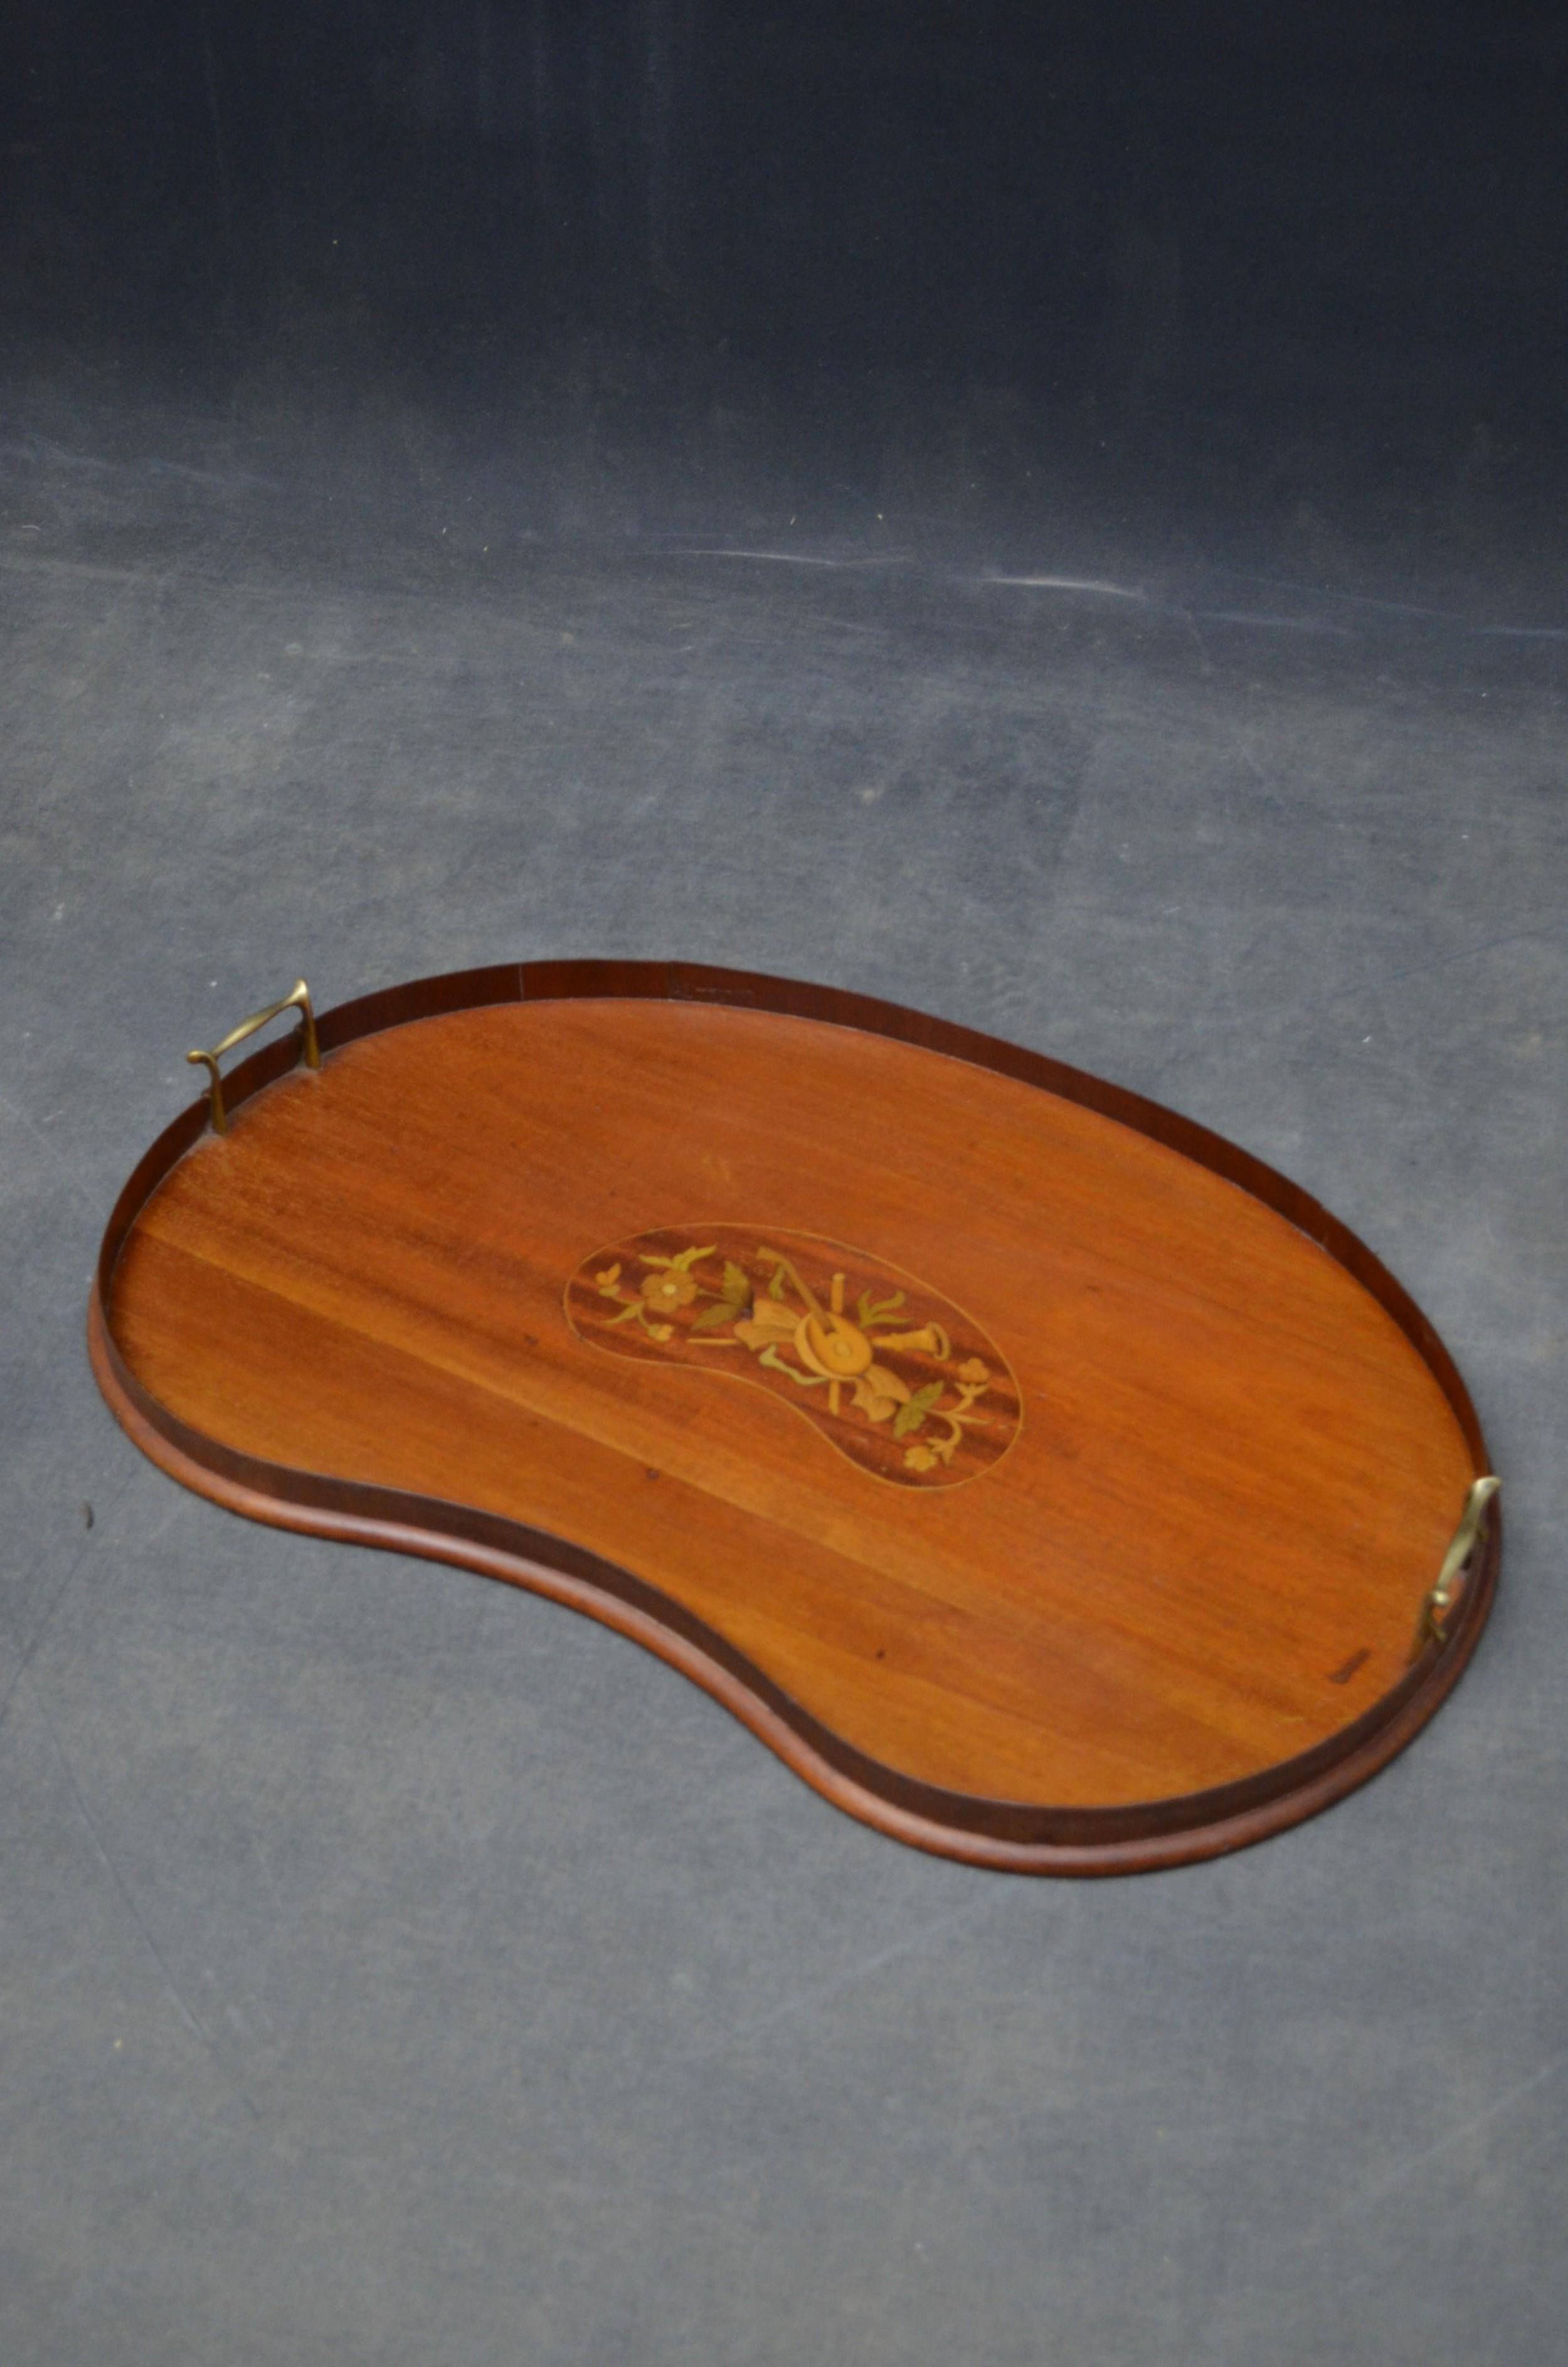 edwardian mahogany and inlaid tray